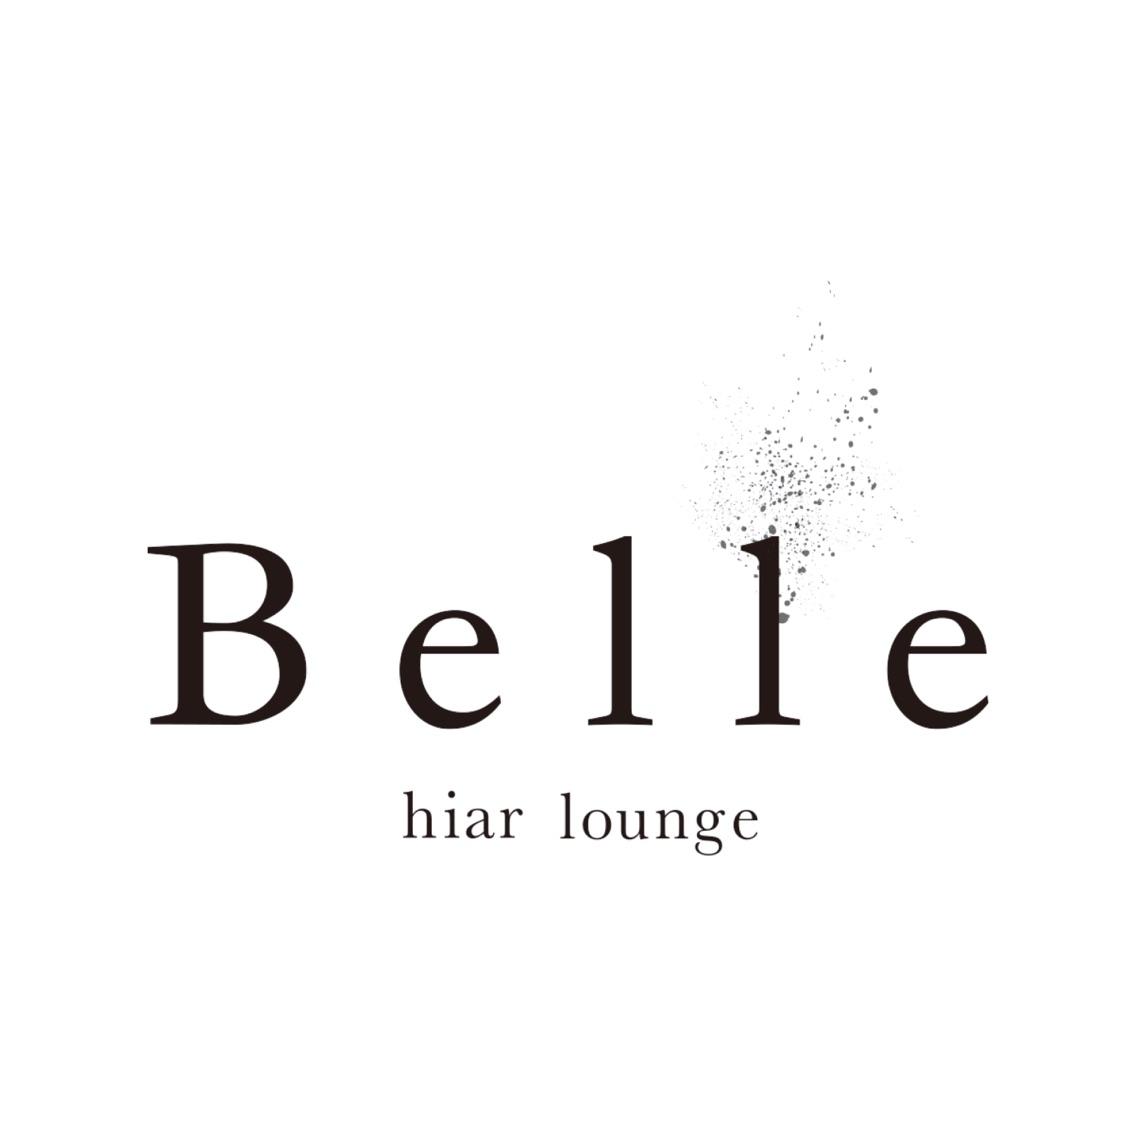 Hair lounge  Belle